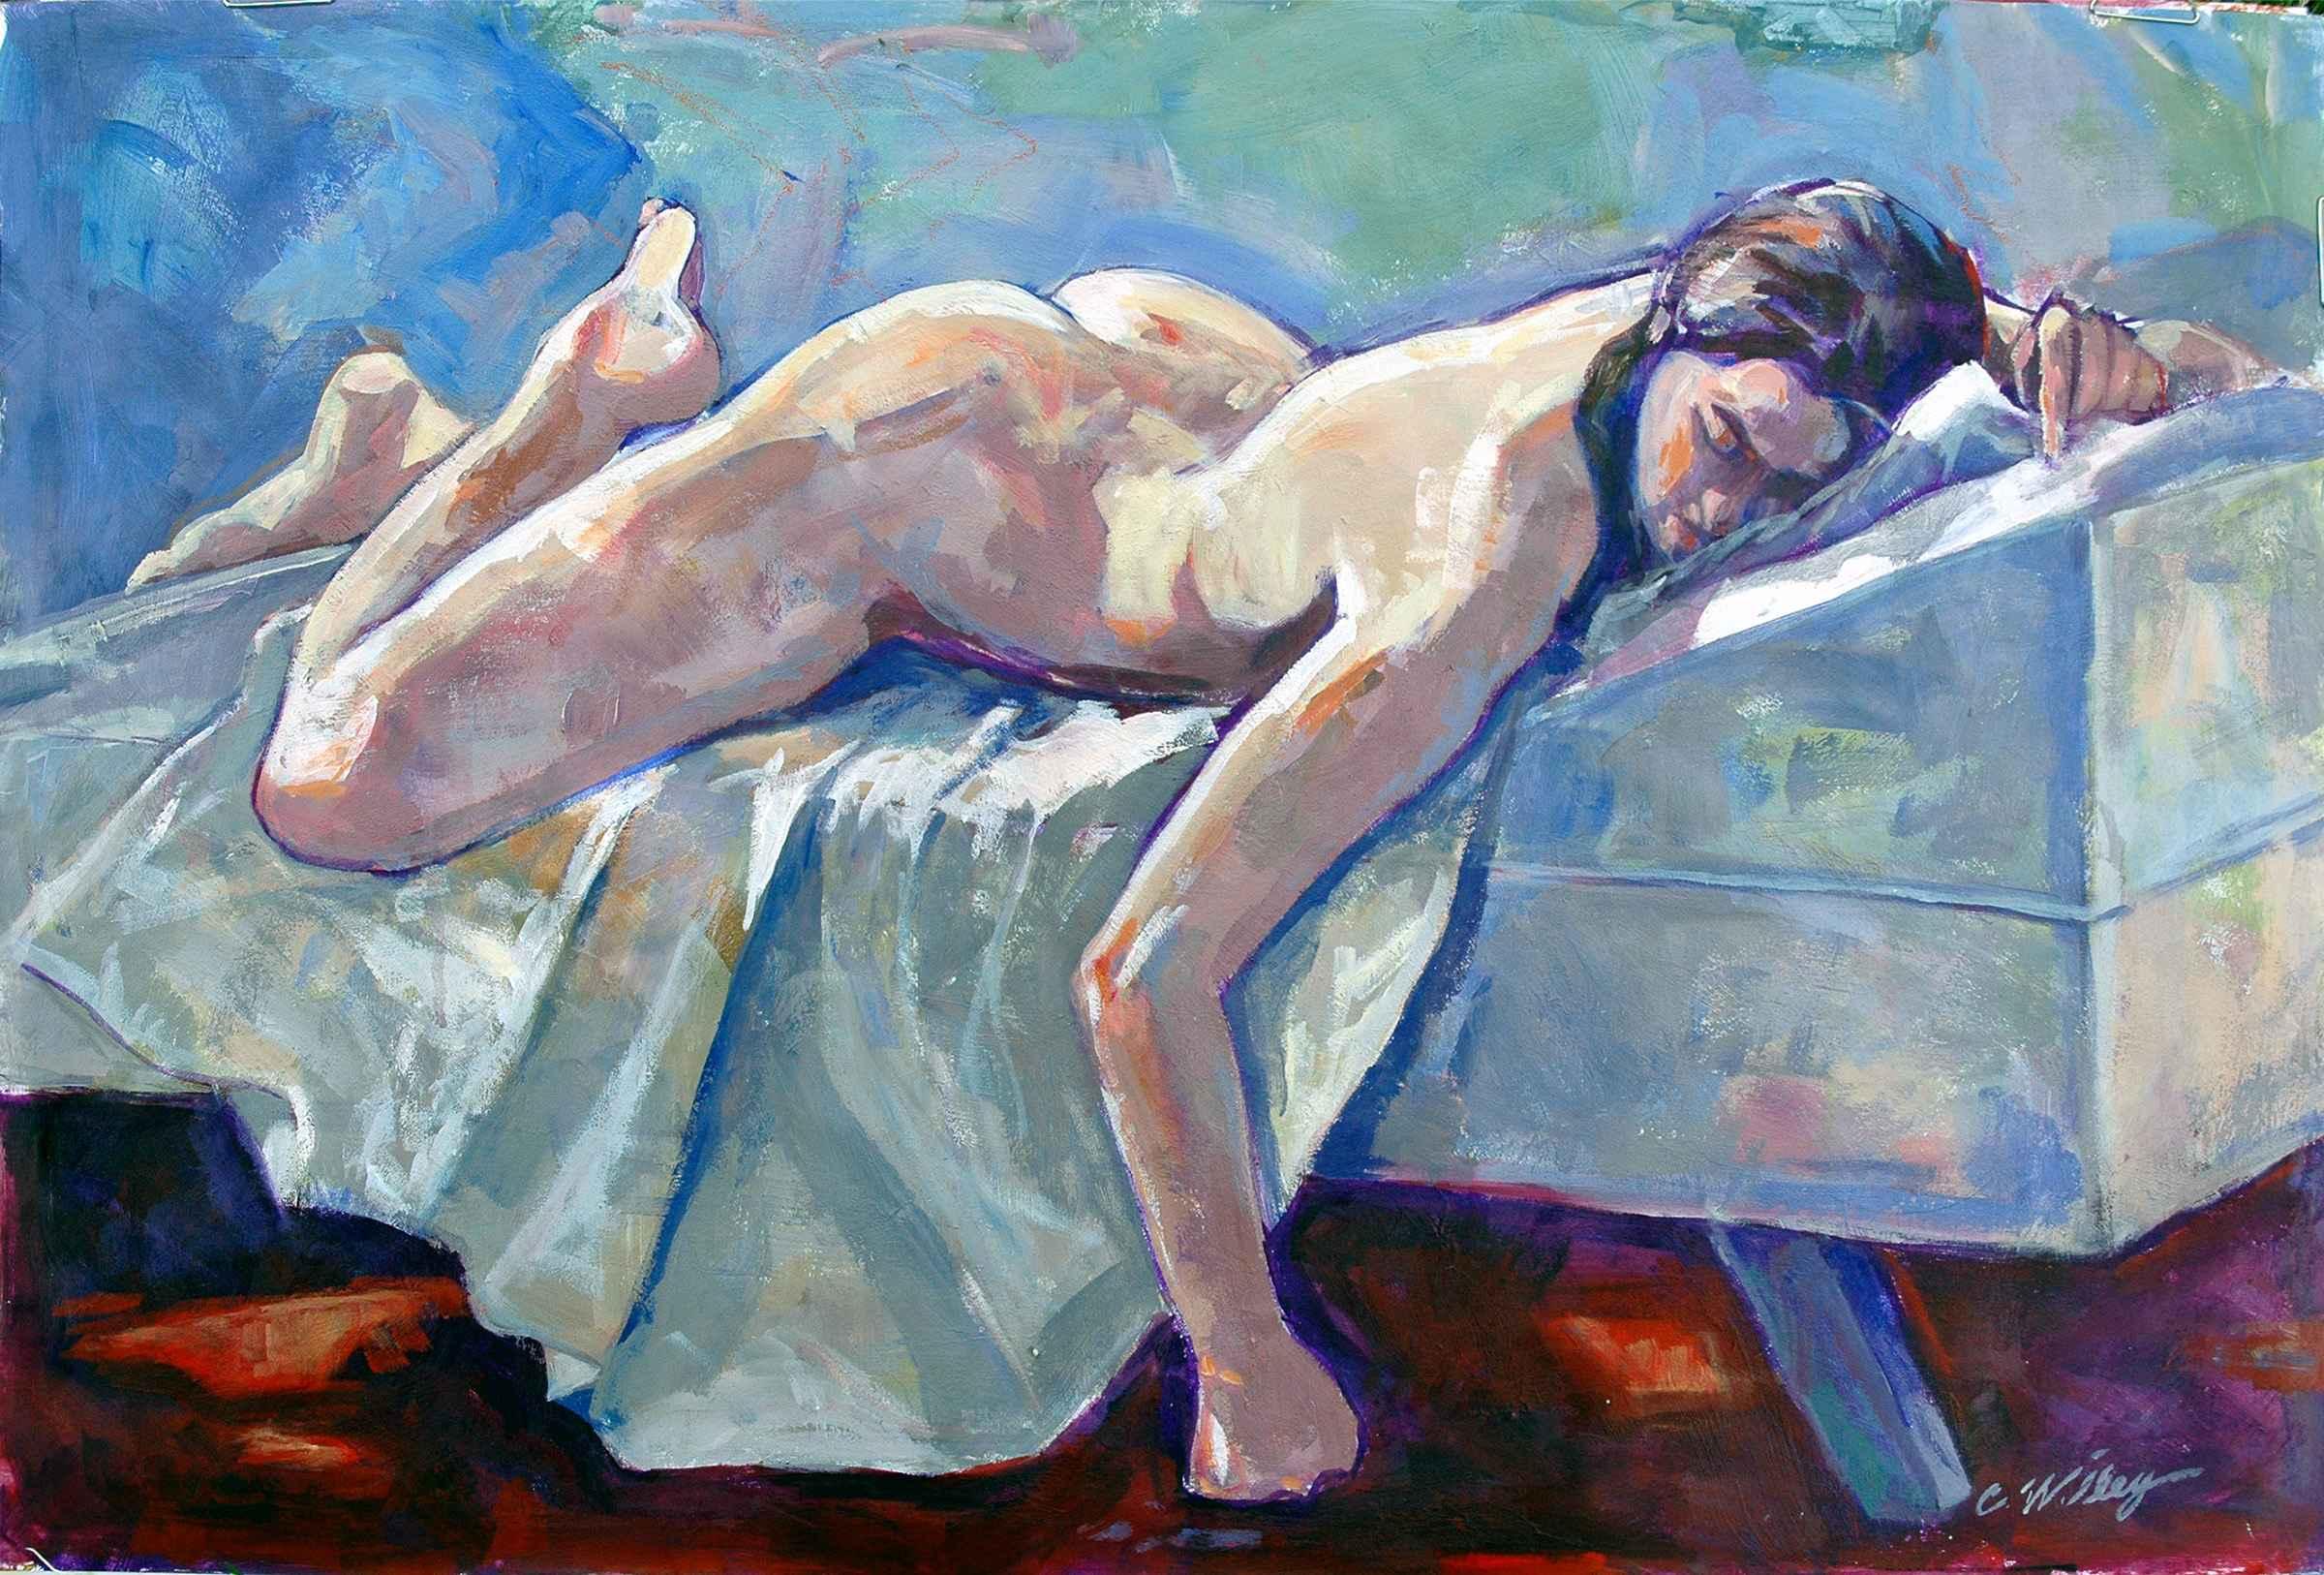 Cassie Reclining by  Chris Willey - Masterpiece Online